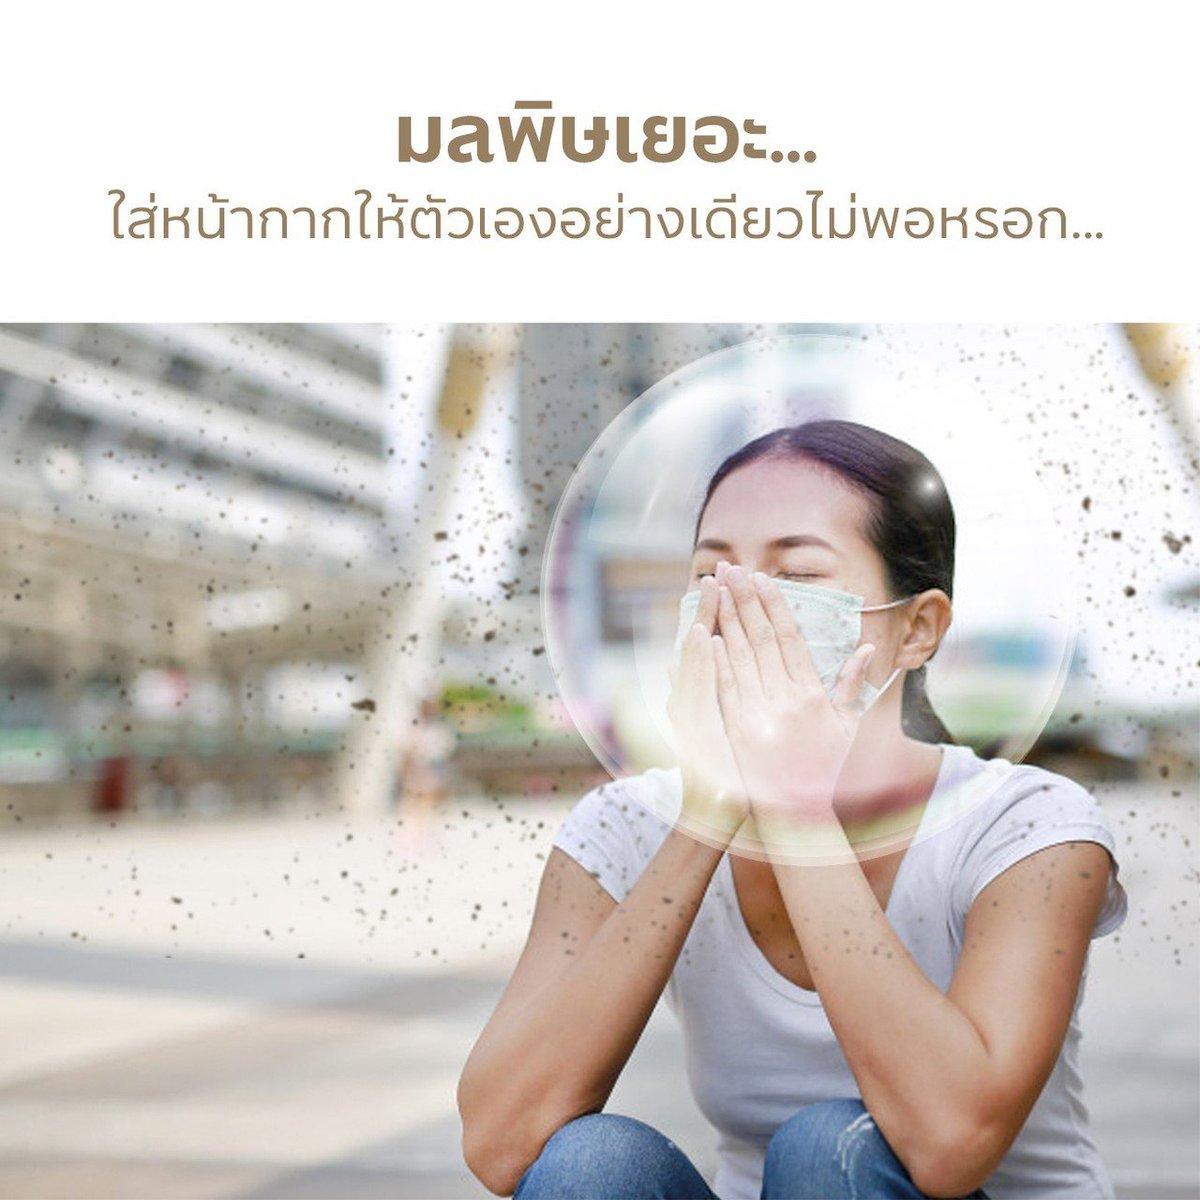 เพราะในอากาศมีภัยร้ายซ่อนอยู่… แค่ใส่หน้ากากอย่างเดียวคงไม่พอ…ต้องใส่หน้ากากให้เซลล์ในร่างกายด้วย #Maquiplus พิเศษ! ลดทันที 25% ที่นี่ http://wu.to/fETssl #UnileverNetwork #MaquiPlus #Superfruits #Wellness #SuperAntioxidant #HealthyImmunity